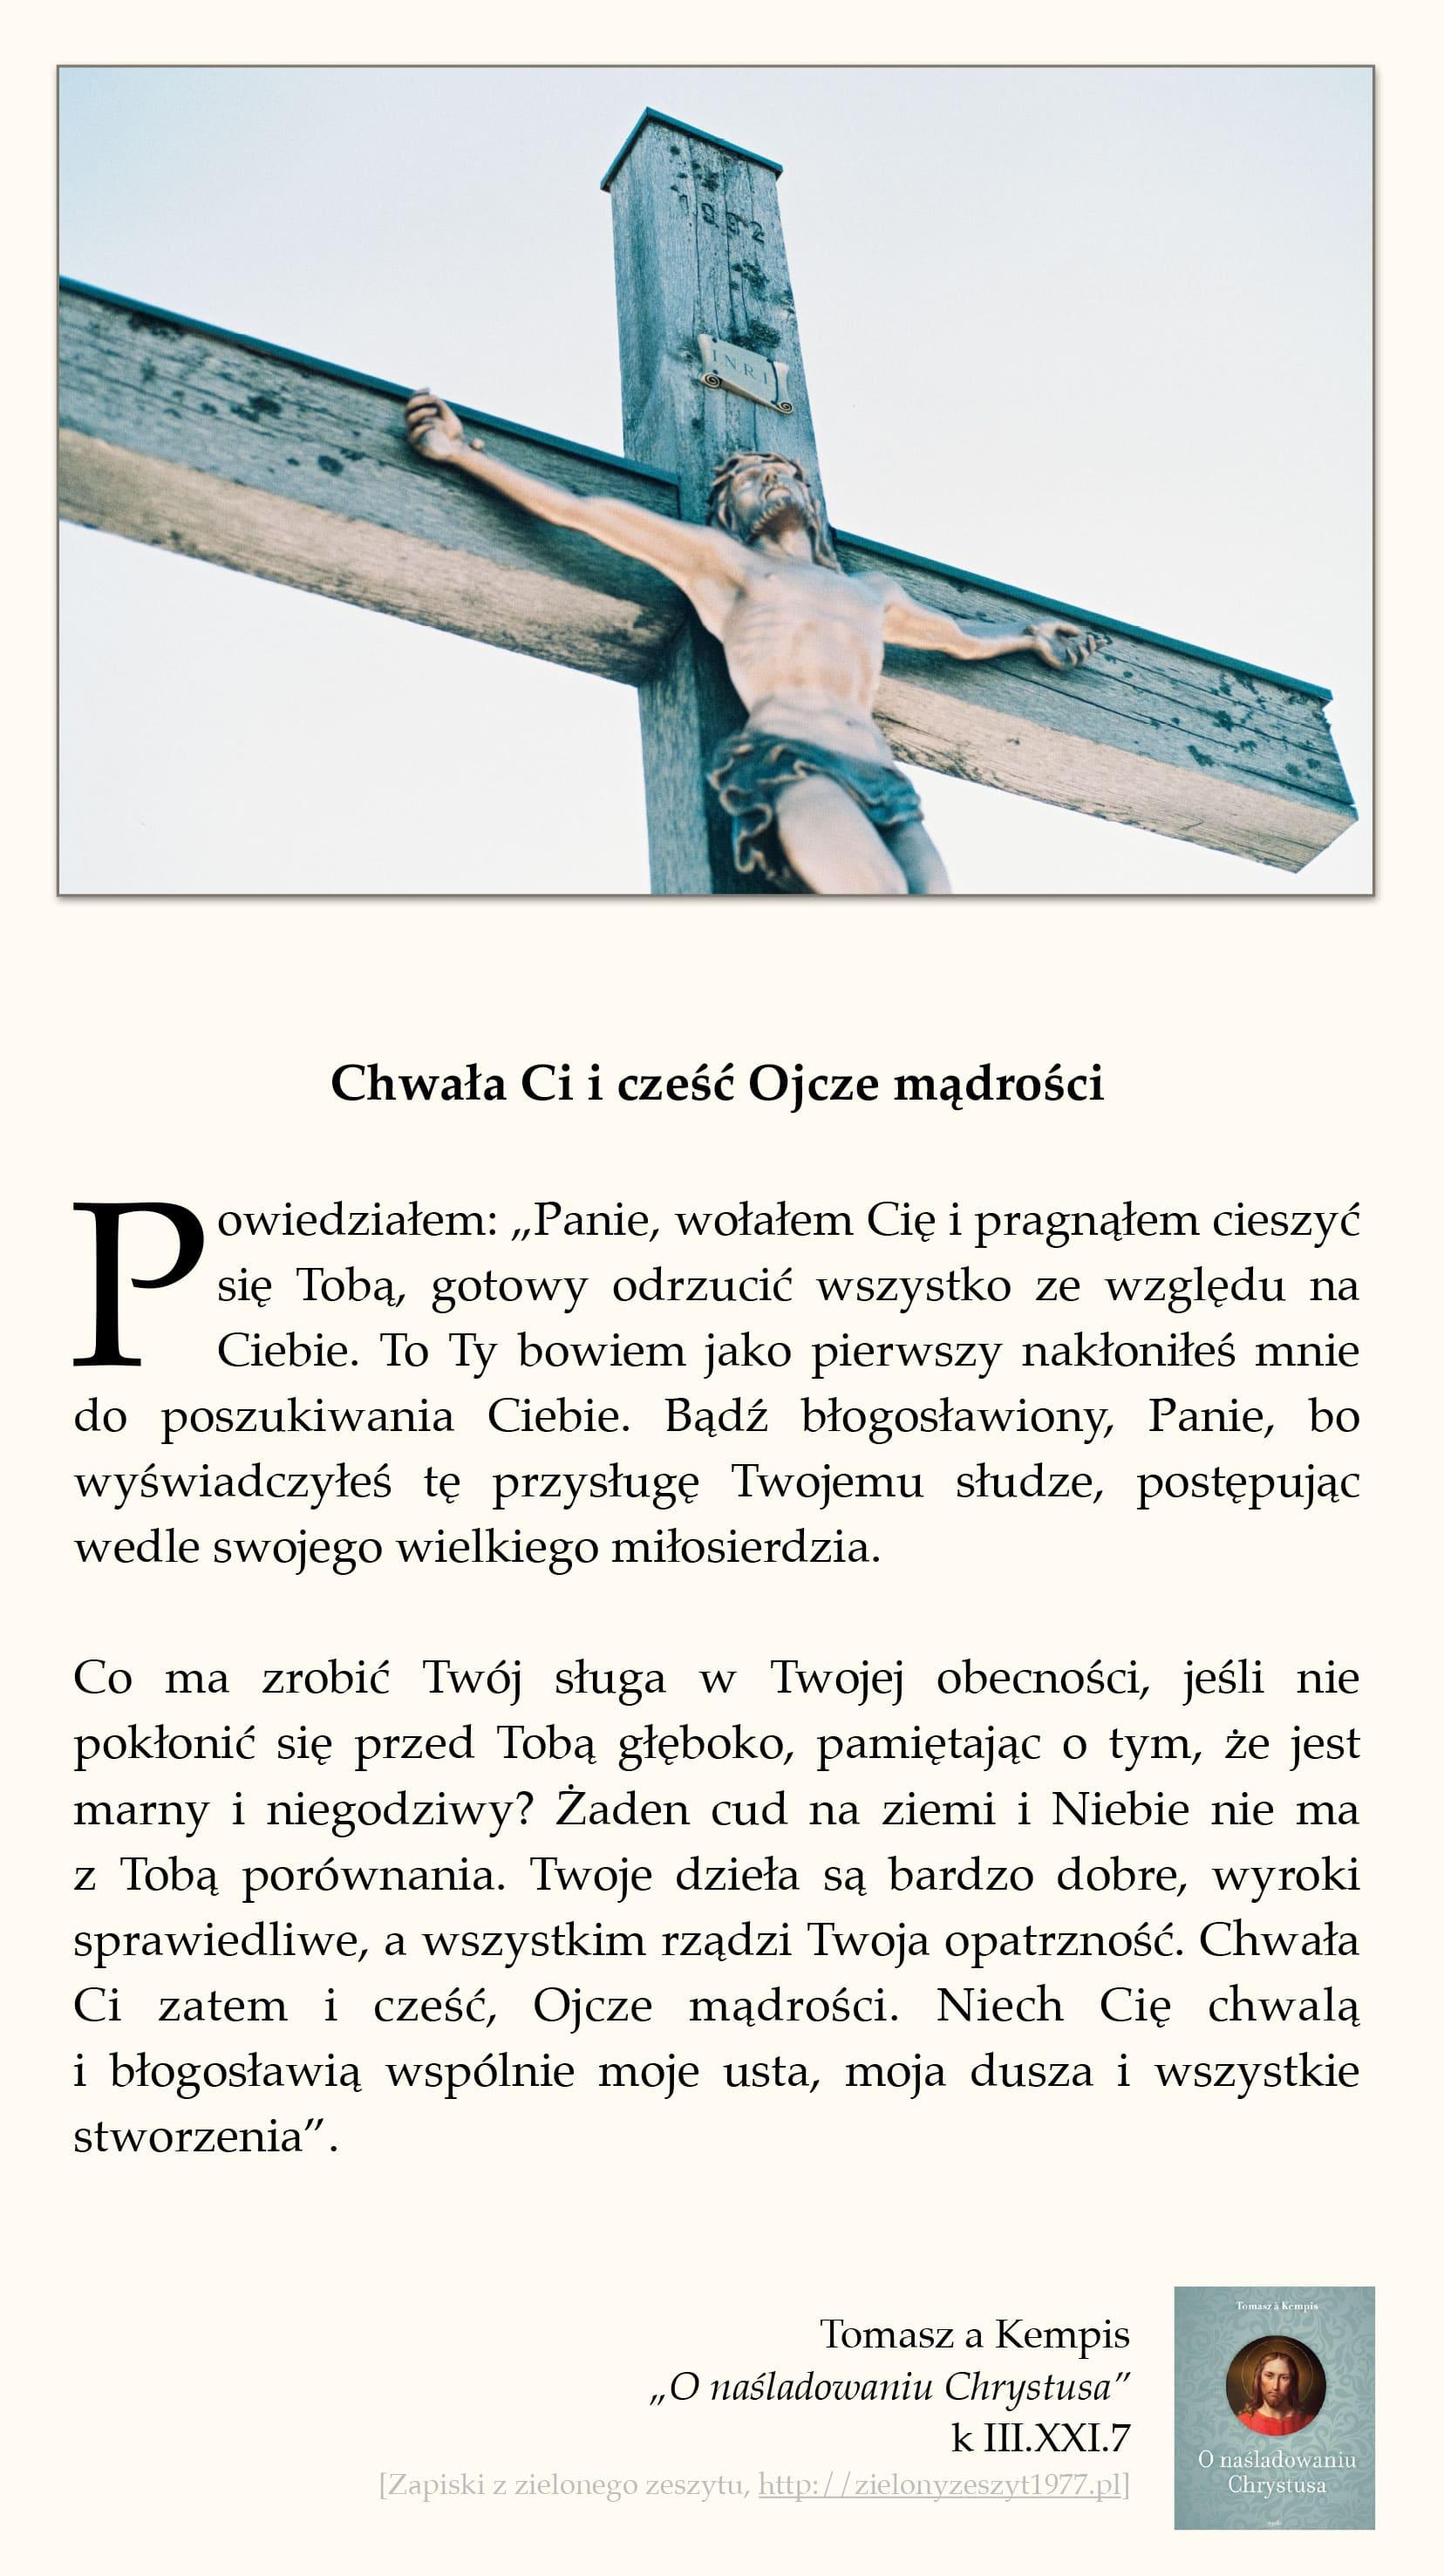 """Tomasz a Kempis, """"O naśladowaniu Chrystusa"""", k III.XXI.7 (Chwała Ci i cześć Ojcze mądrości)"""